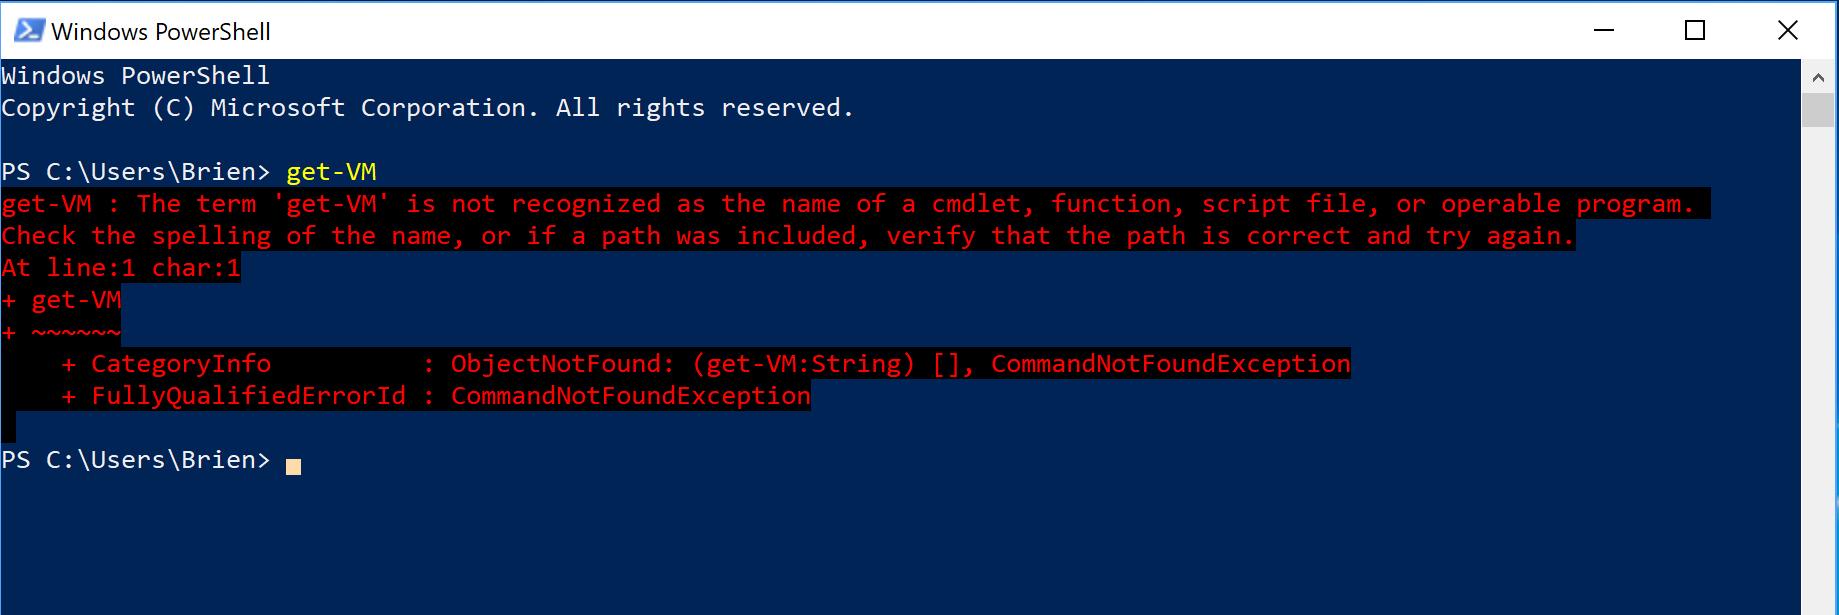 Installing the Hyper-V Module for PowerShell -- Redmondmag com